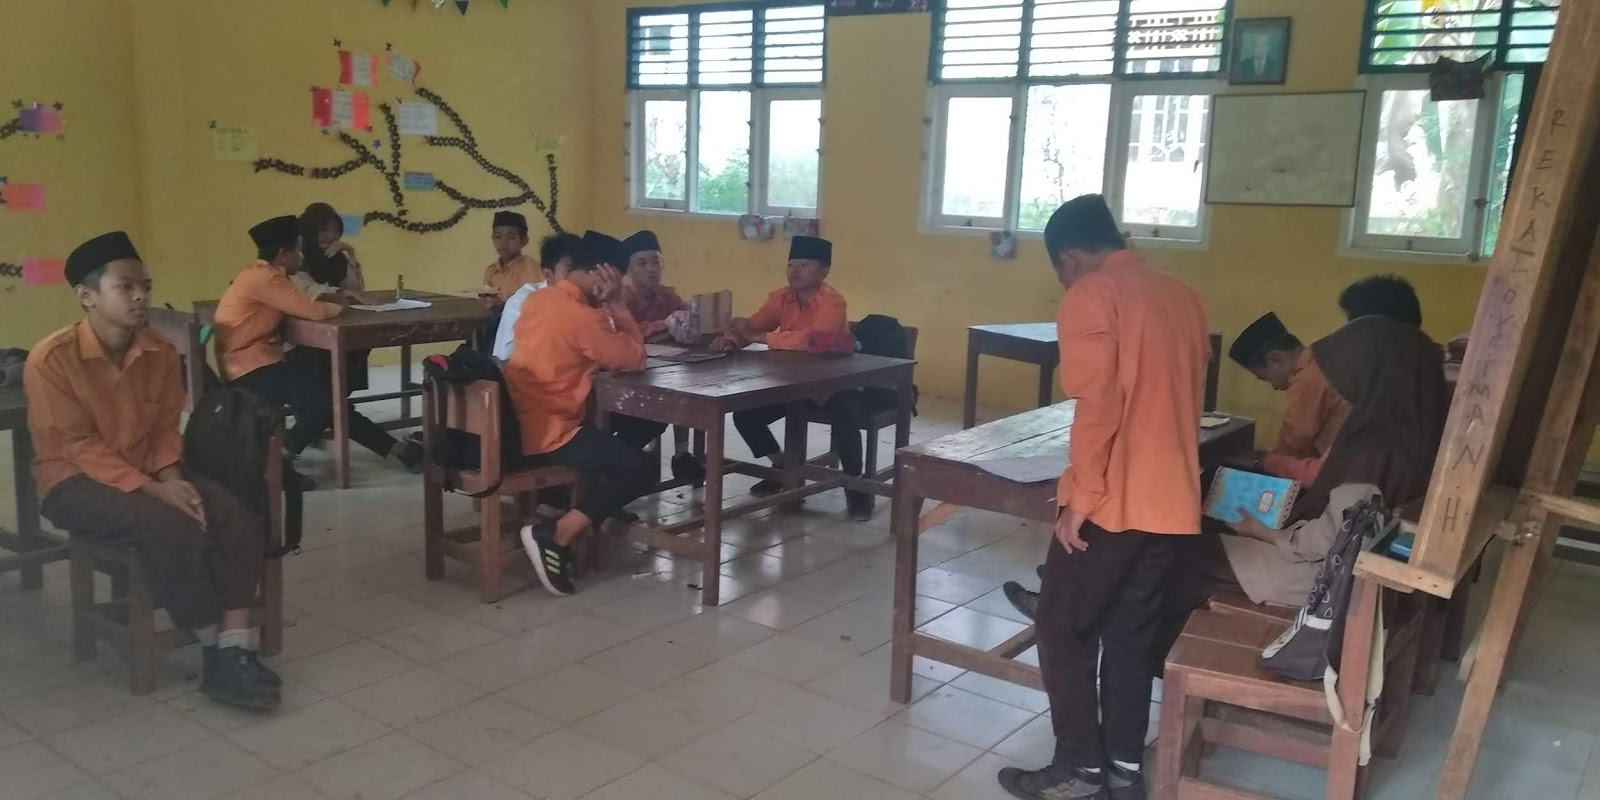 Kepala MTs Nurul Huda Laksanakan Supervisi Kelas Tahun Pelajaran 2018-2019